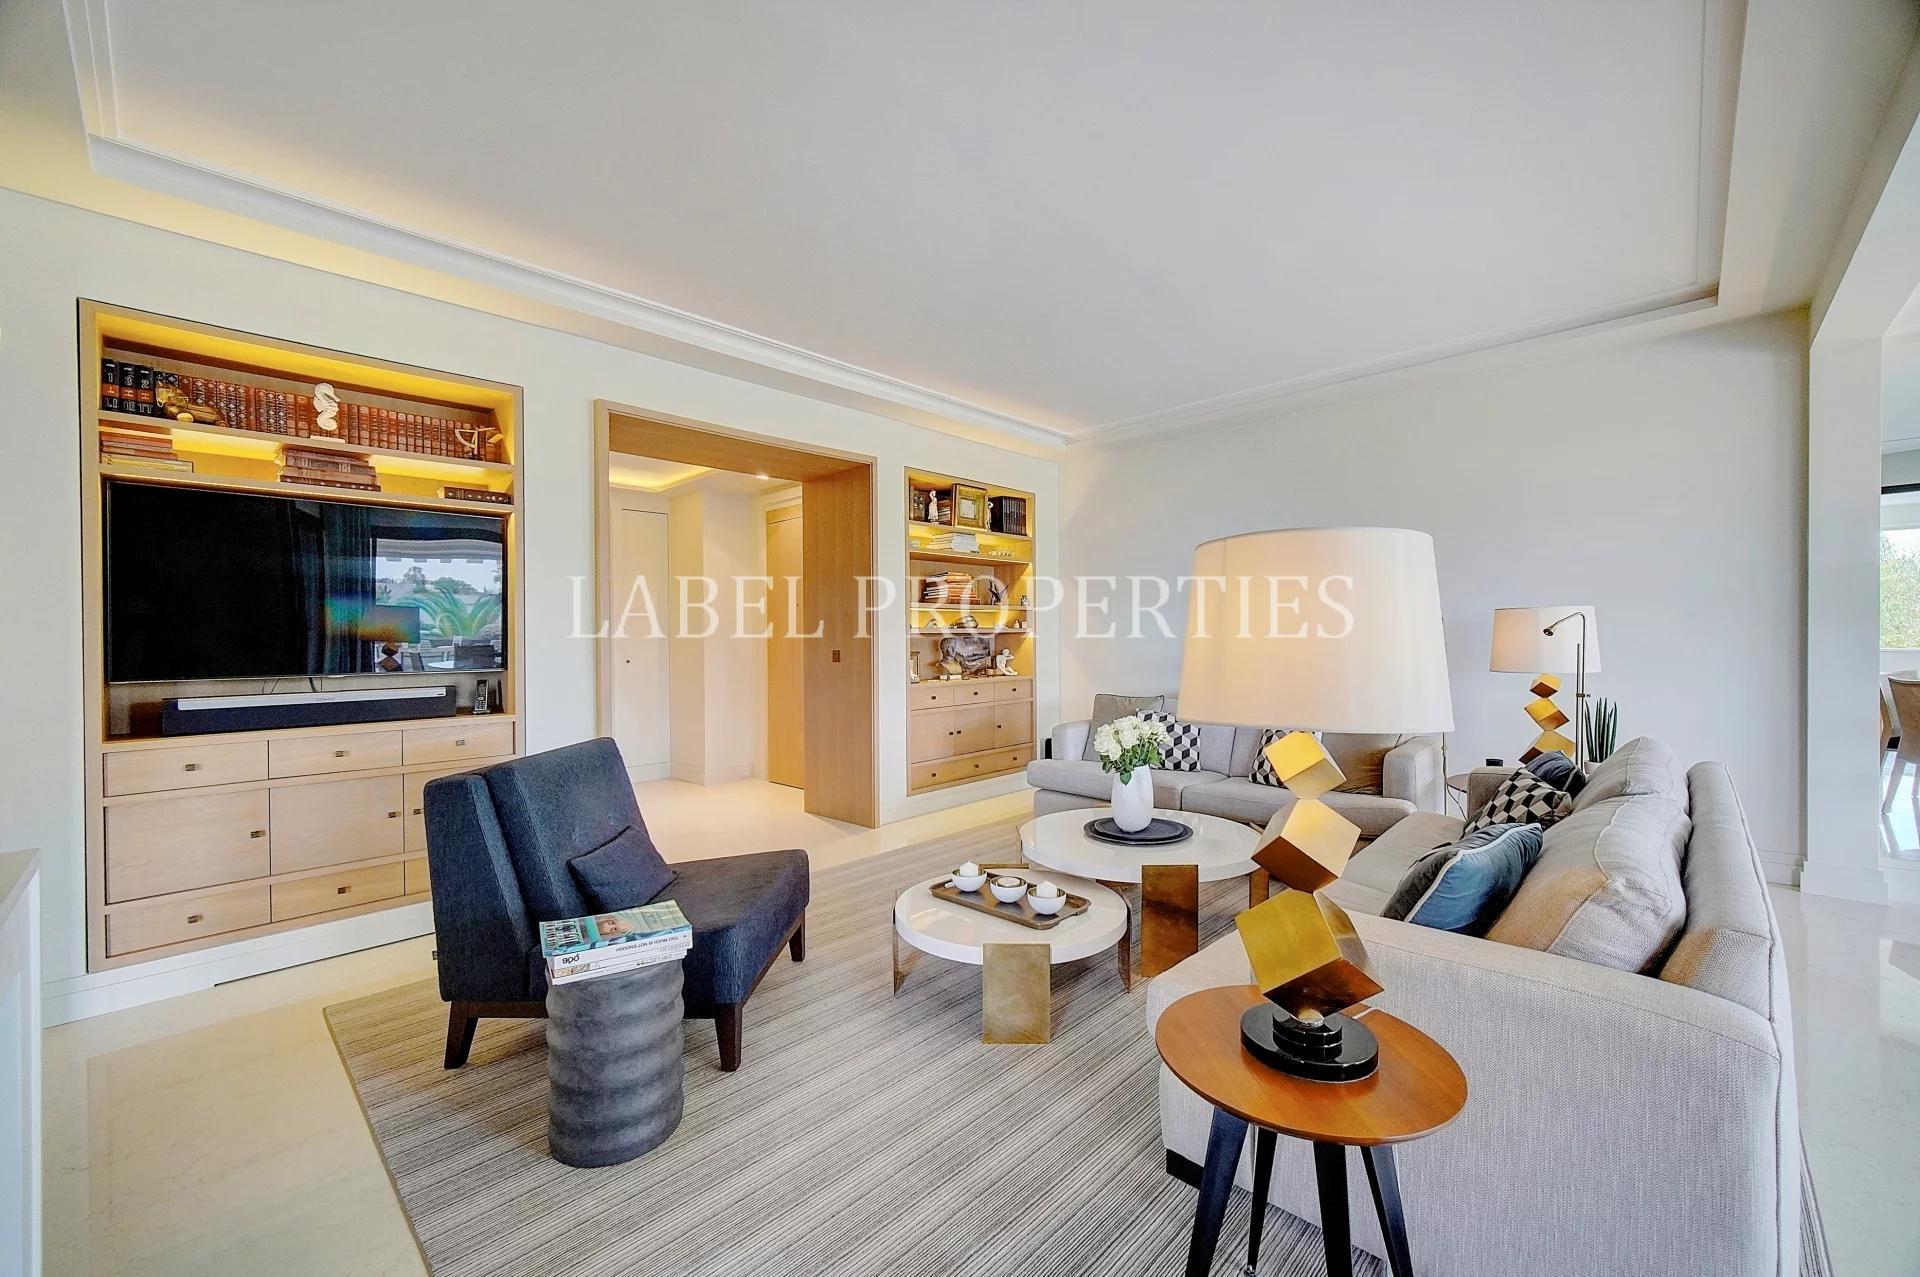 EXCLUSIVITE - Luxueux appartement dans un secteur très résidentiel